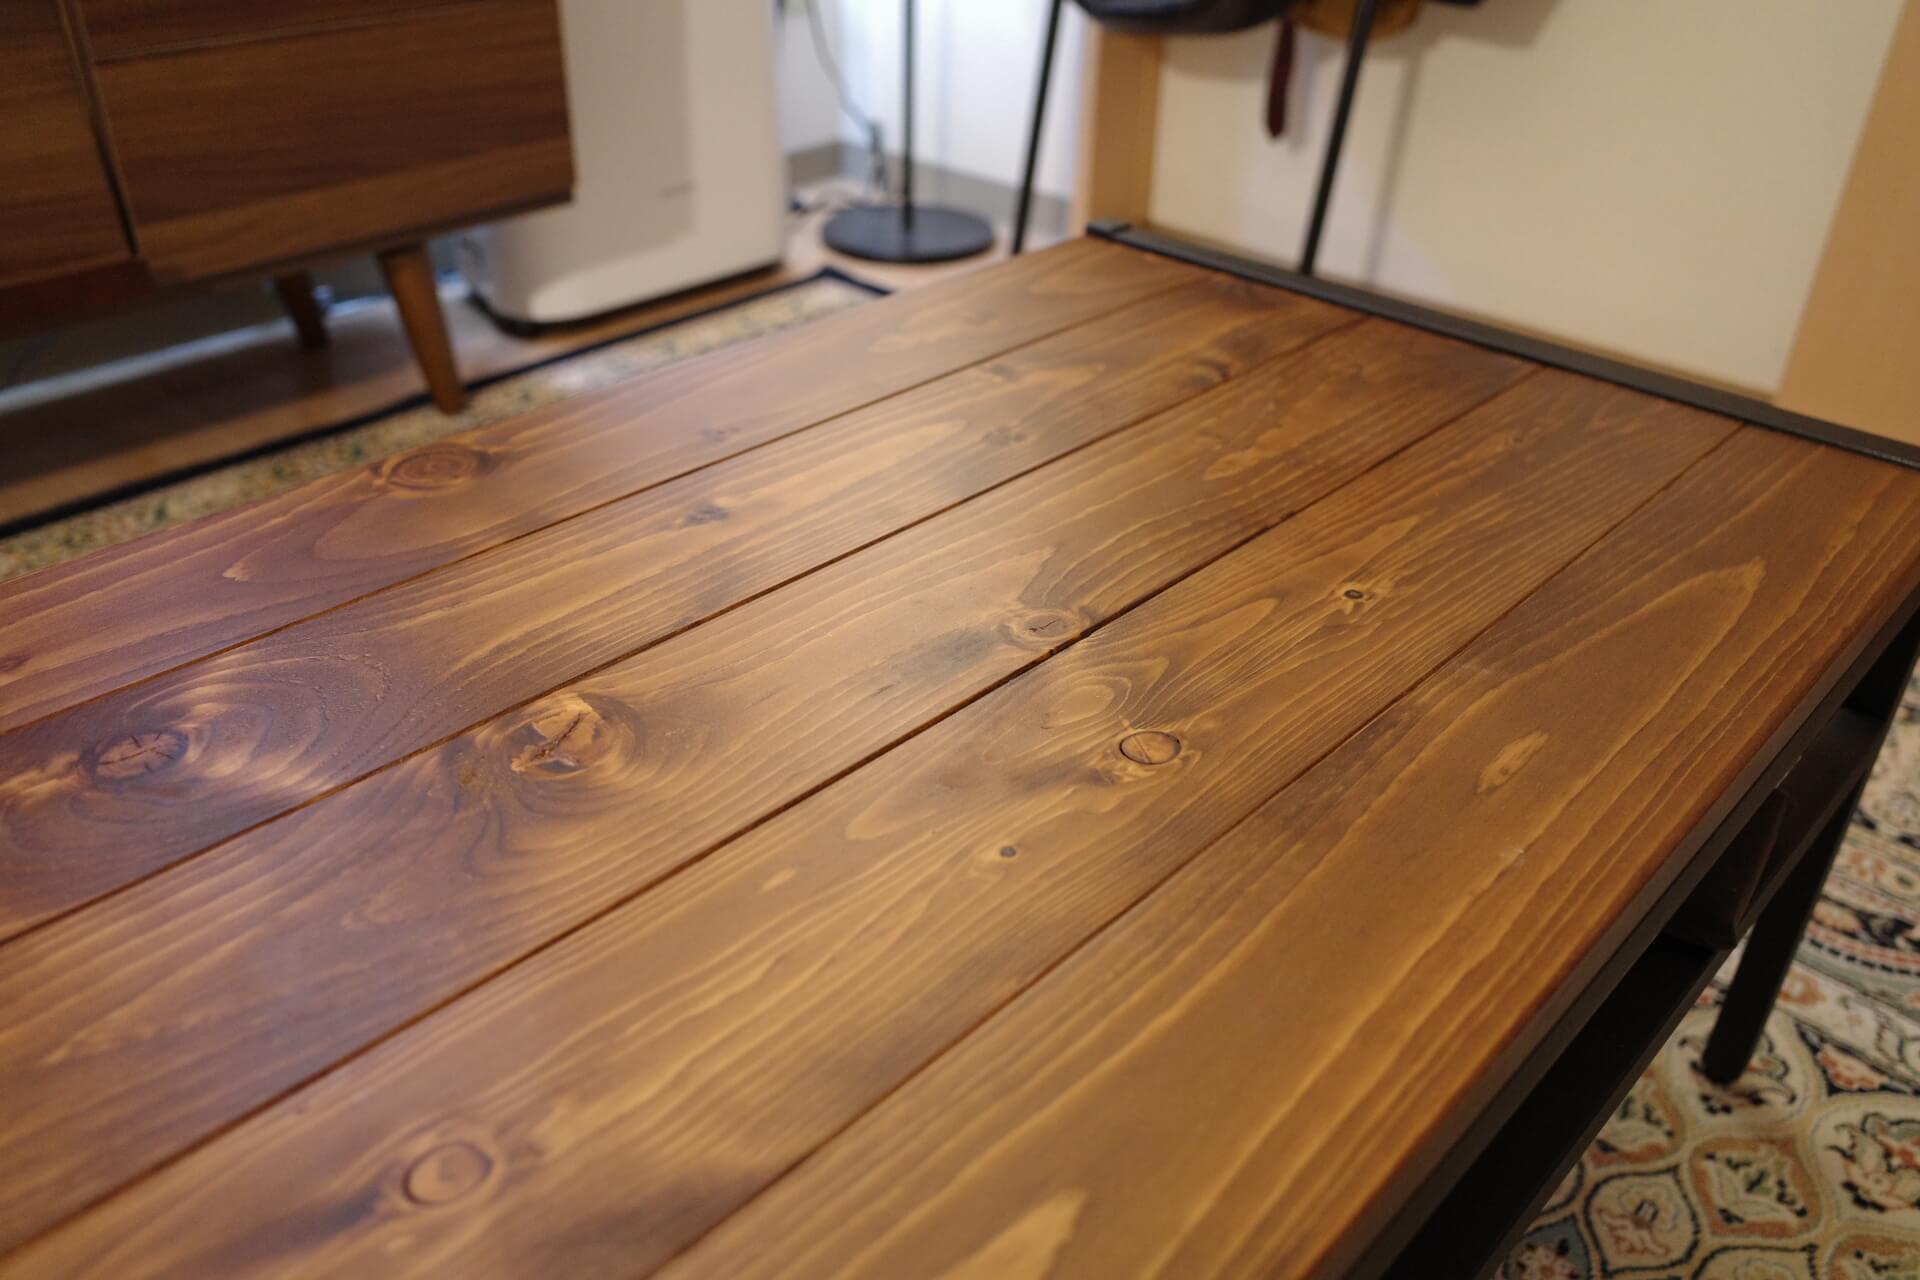 テーブルに熱いものを置いた時にできた白い跡を綺麗に消す方法│ごちログ